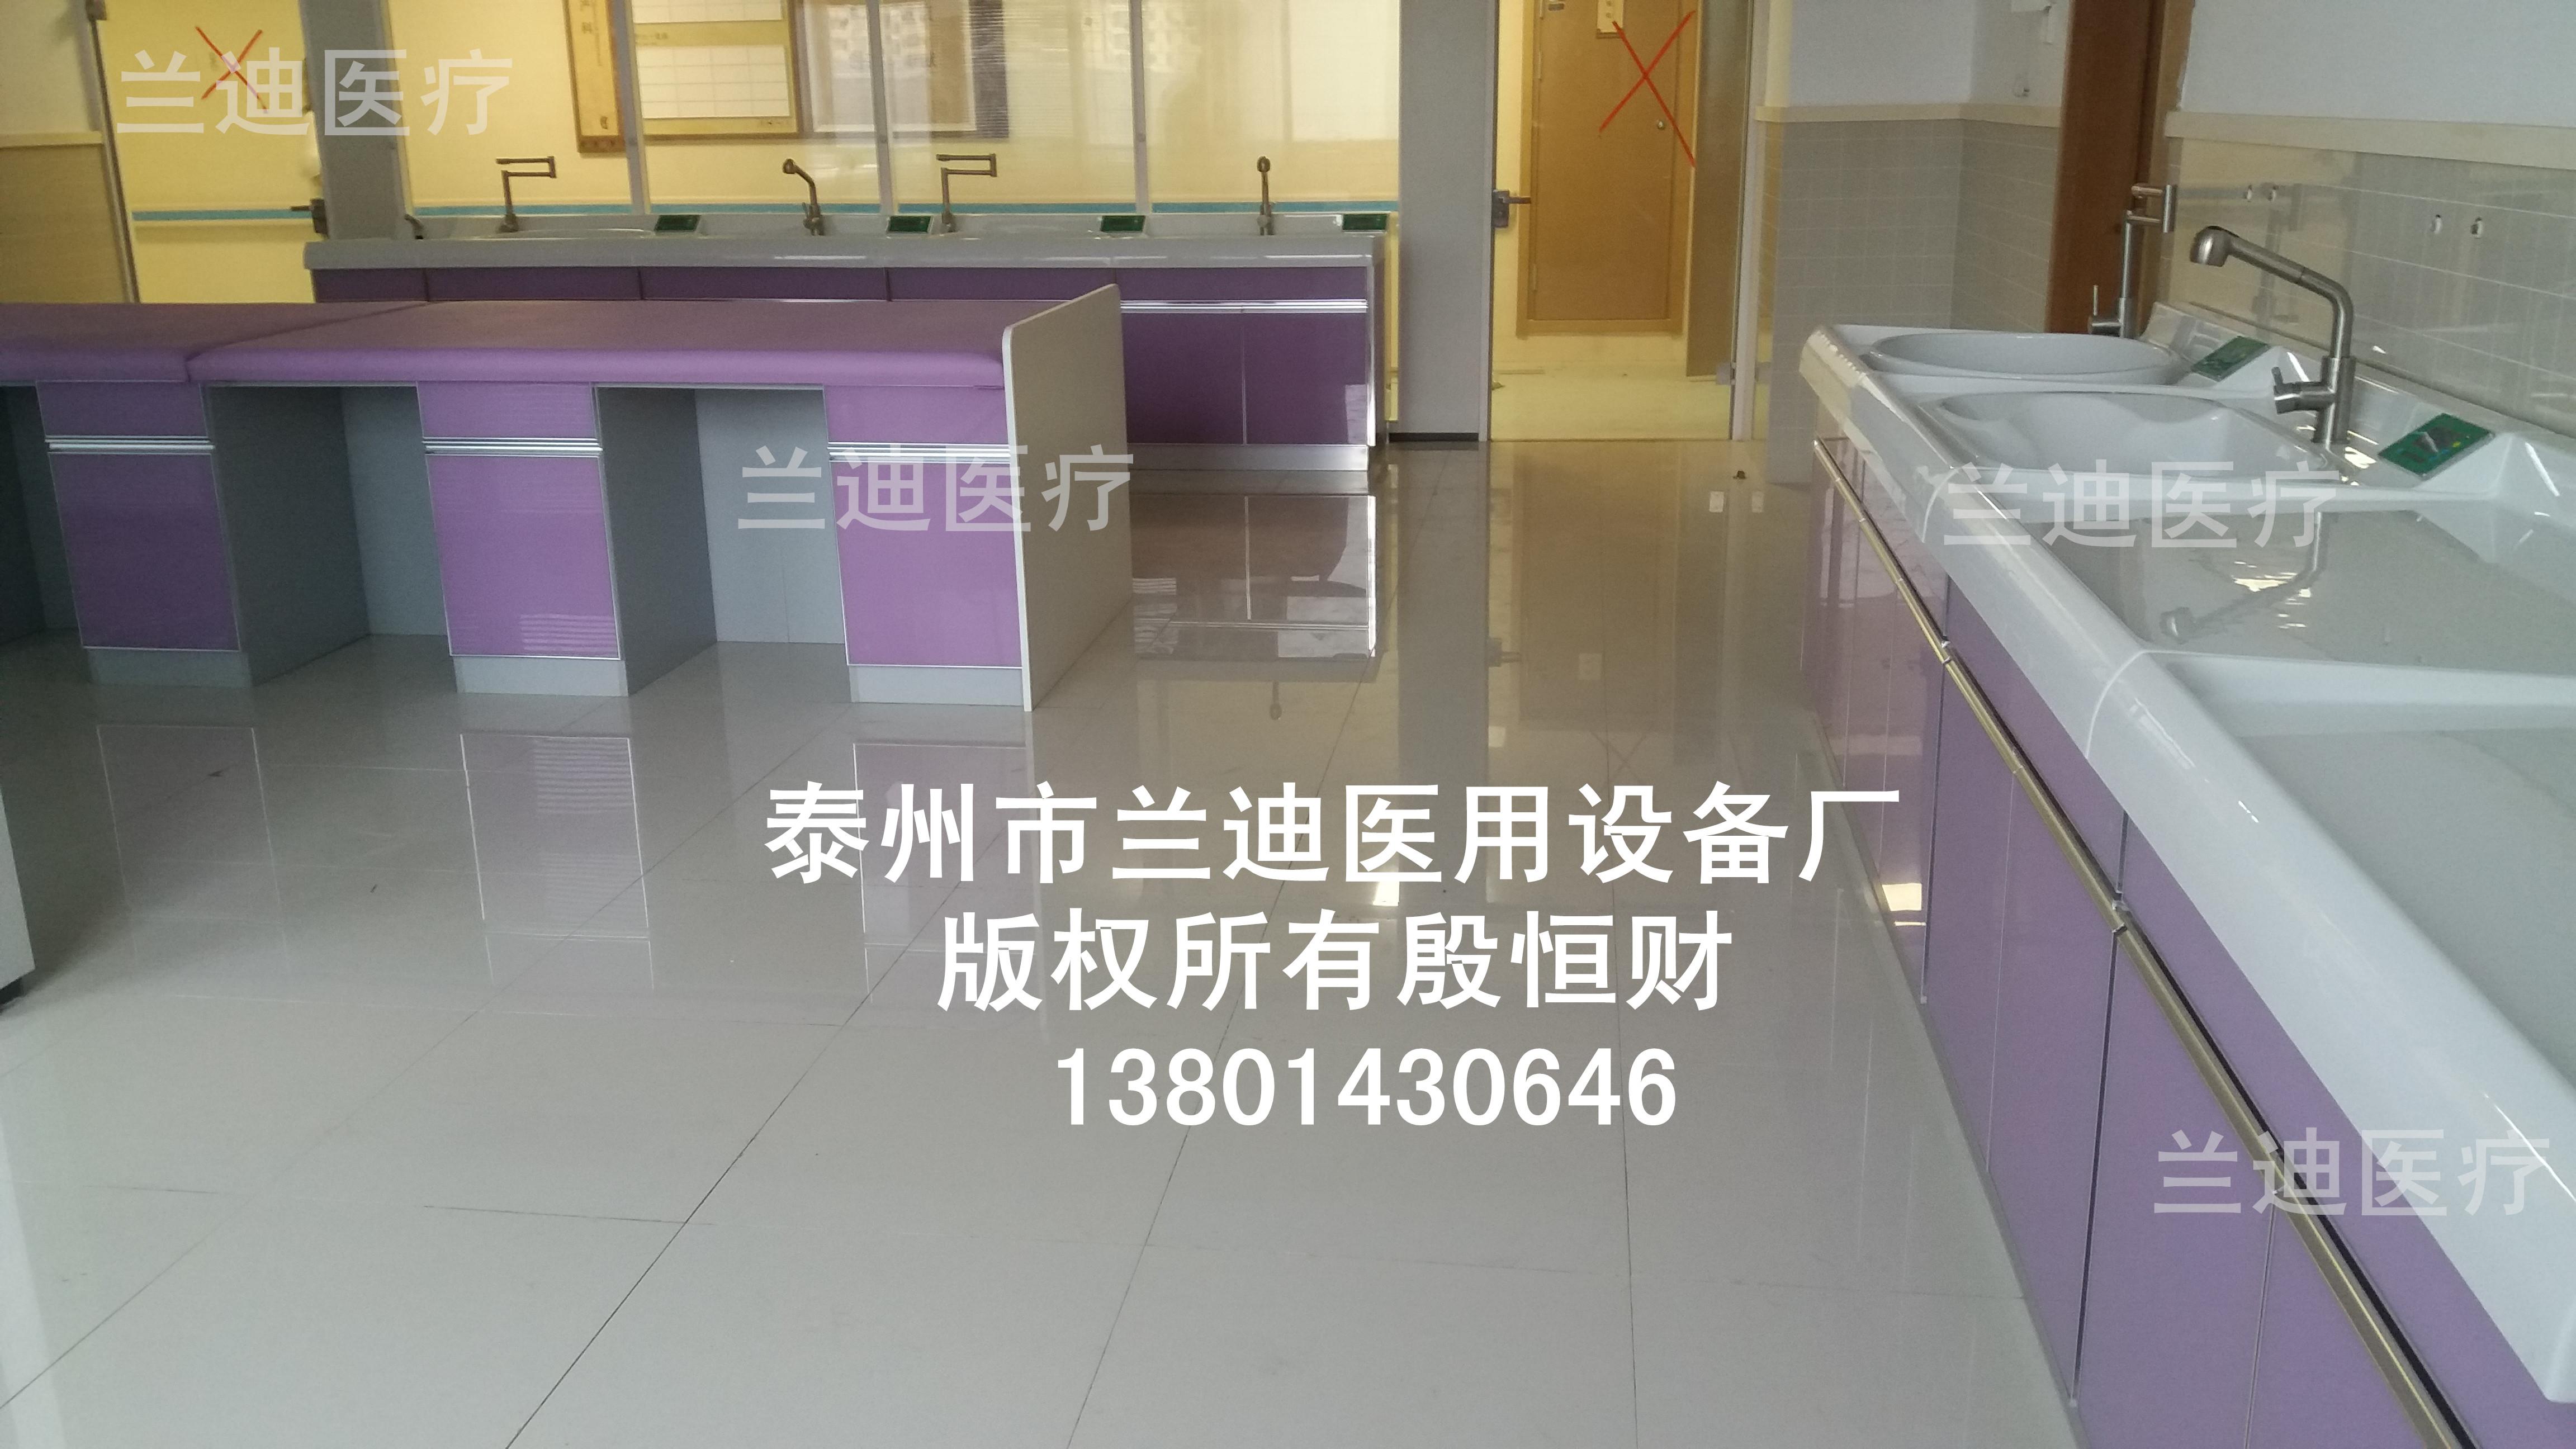 洗浴中心图片/洗浴中心样板图 (2)